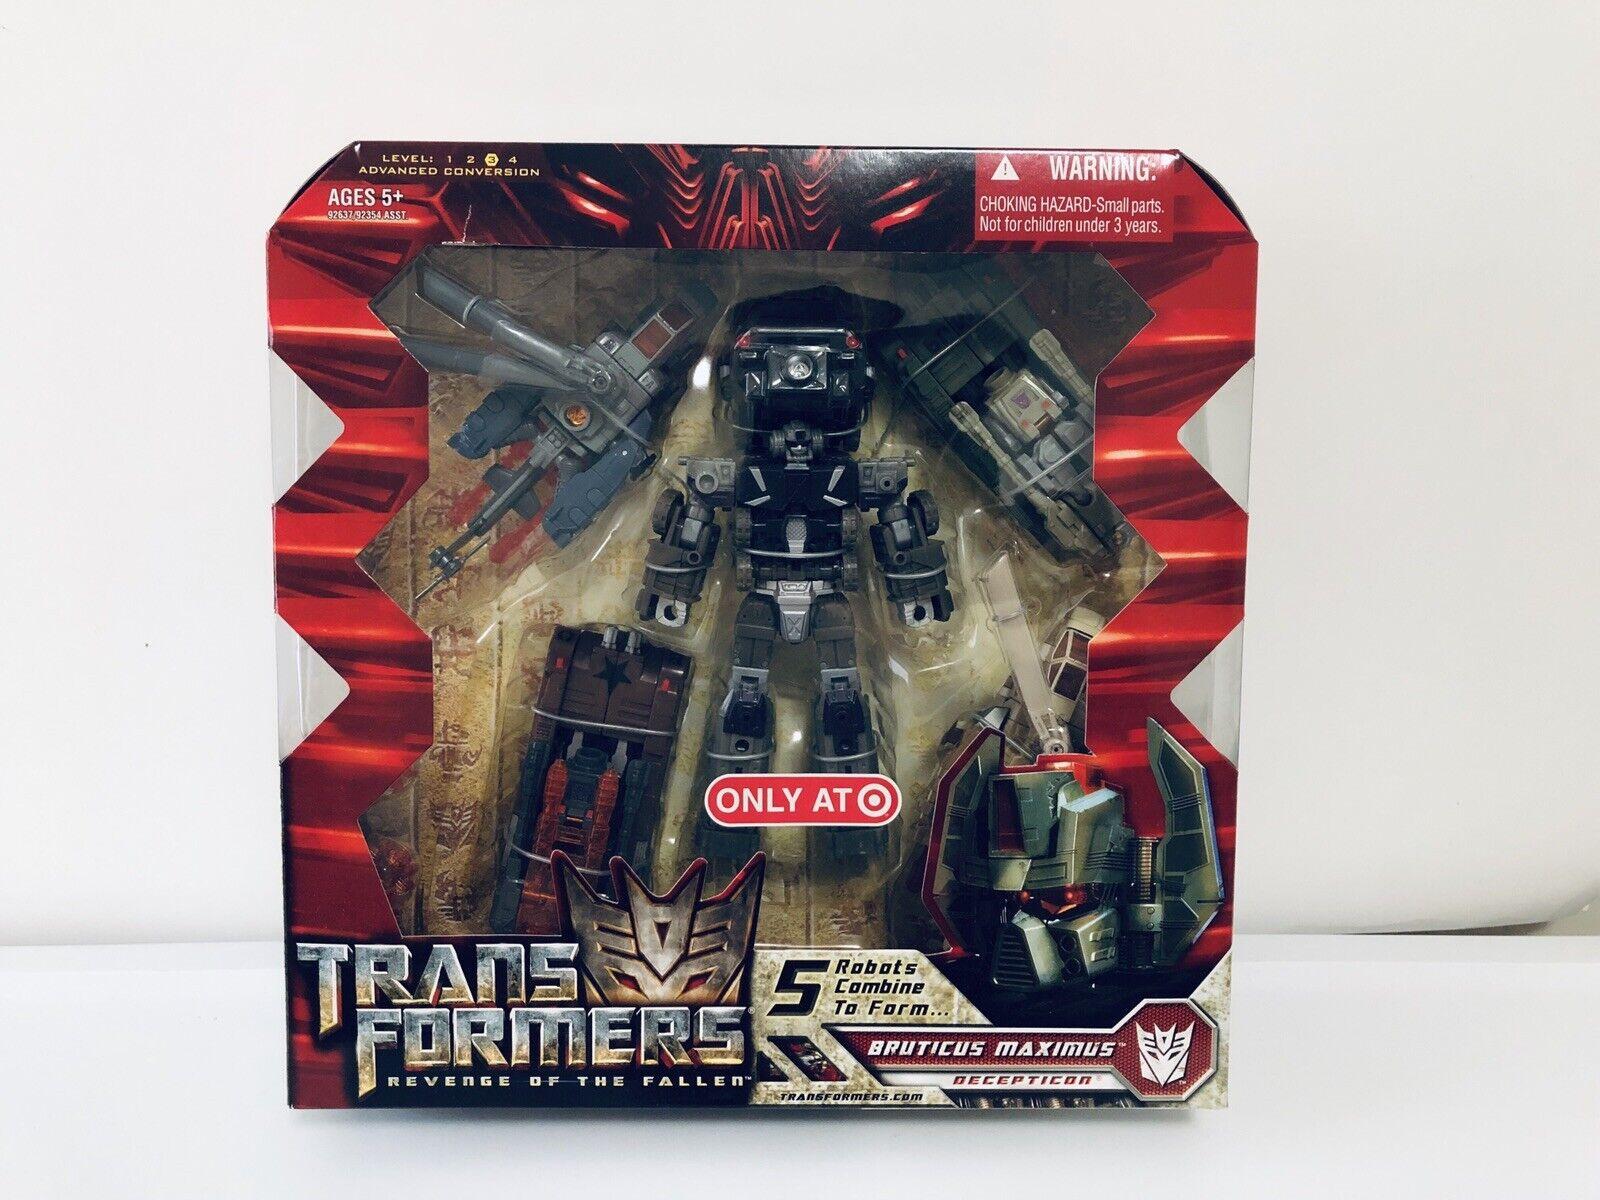 Transformers Revenge of the Fallen Bruticus Maximus NEUF